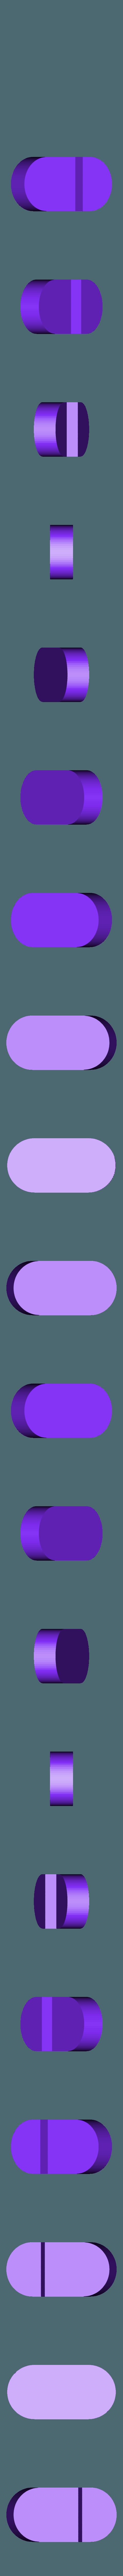 battery_placeholder.stl Télécharger fichier STL gratuit Eclairage Sapin de Noël RGB LED - changement automatique de couleur - bouton de la cellule - bricolage • Plan à imprimer en 3D, simiboy